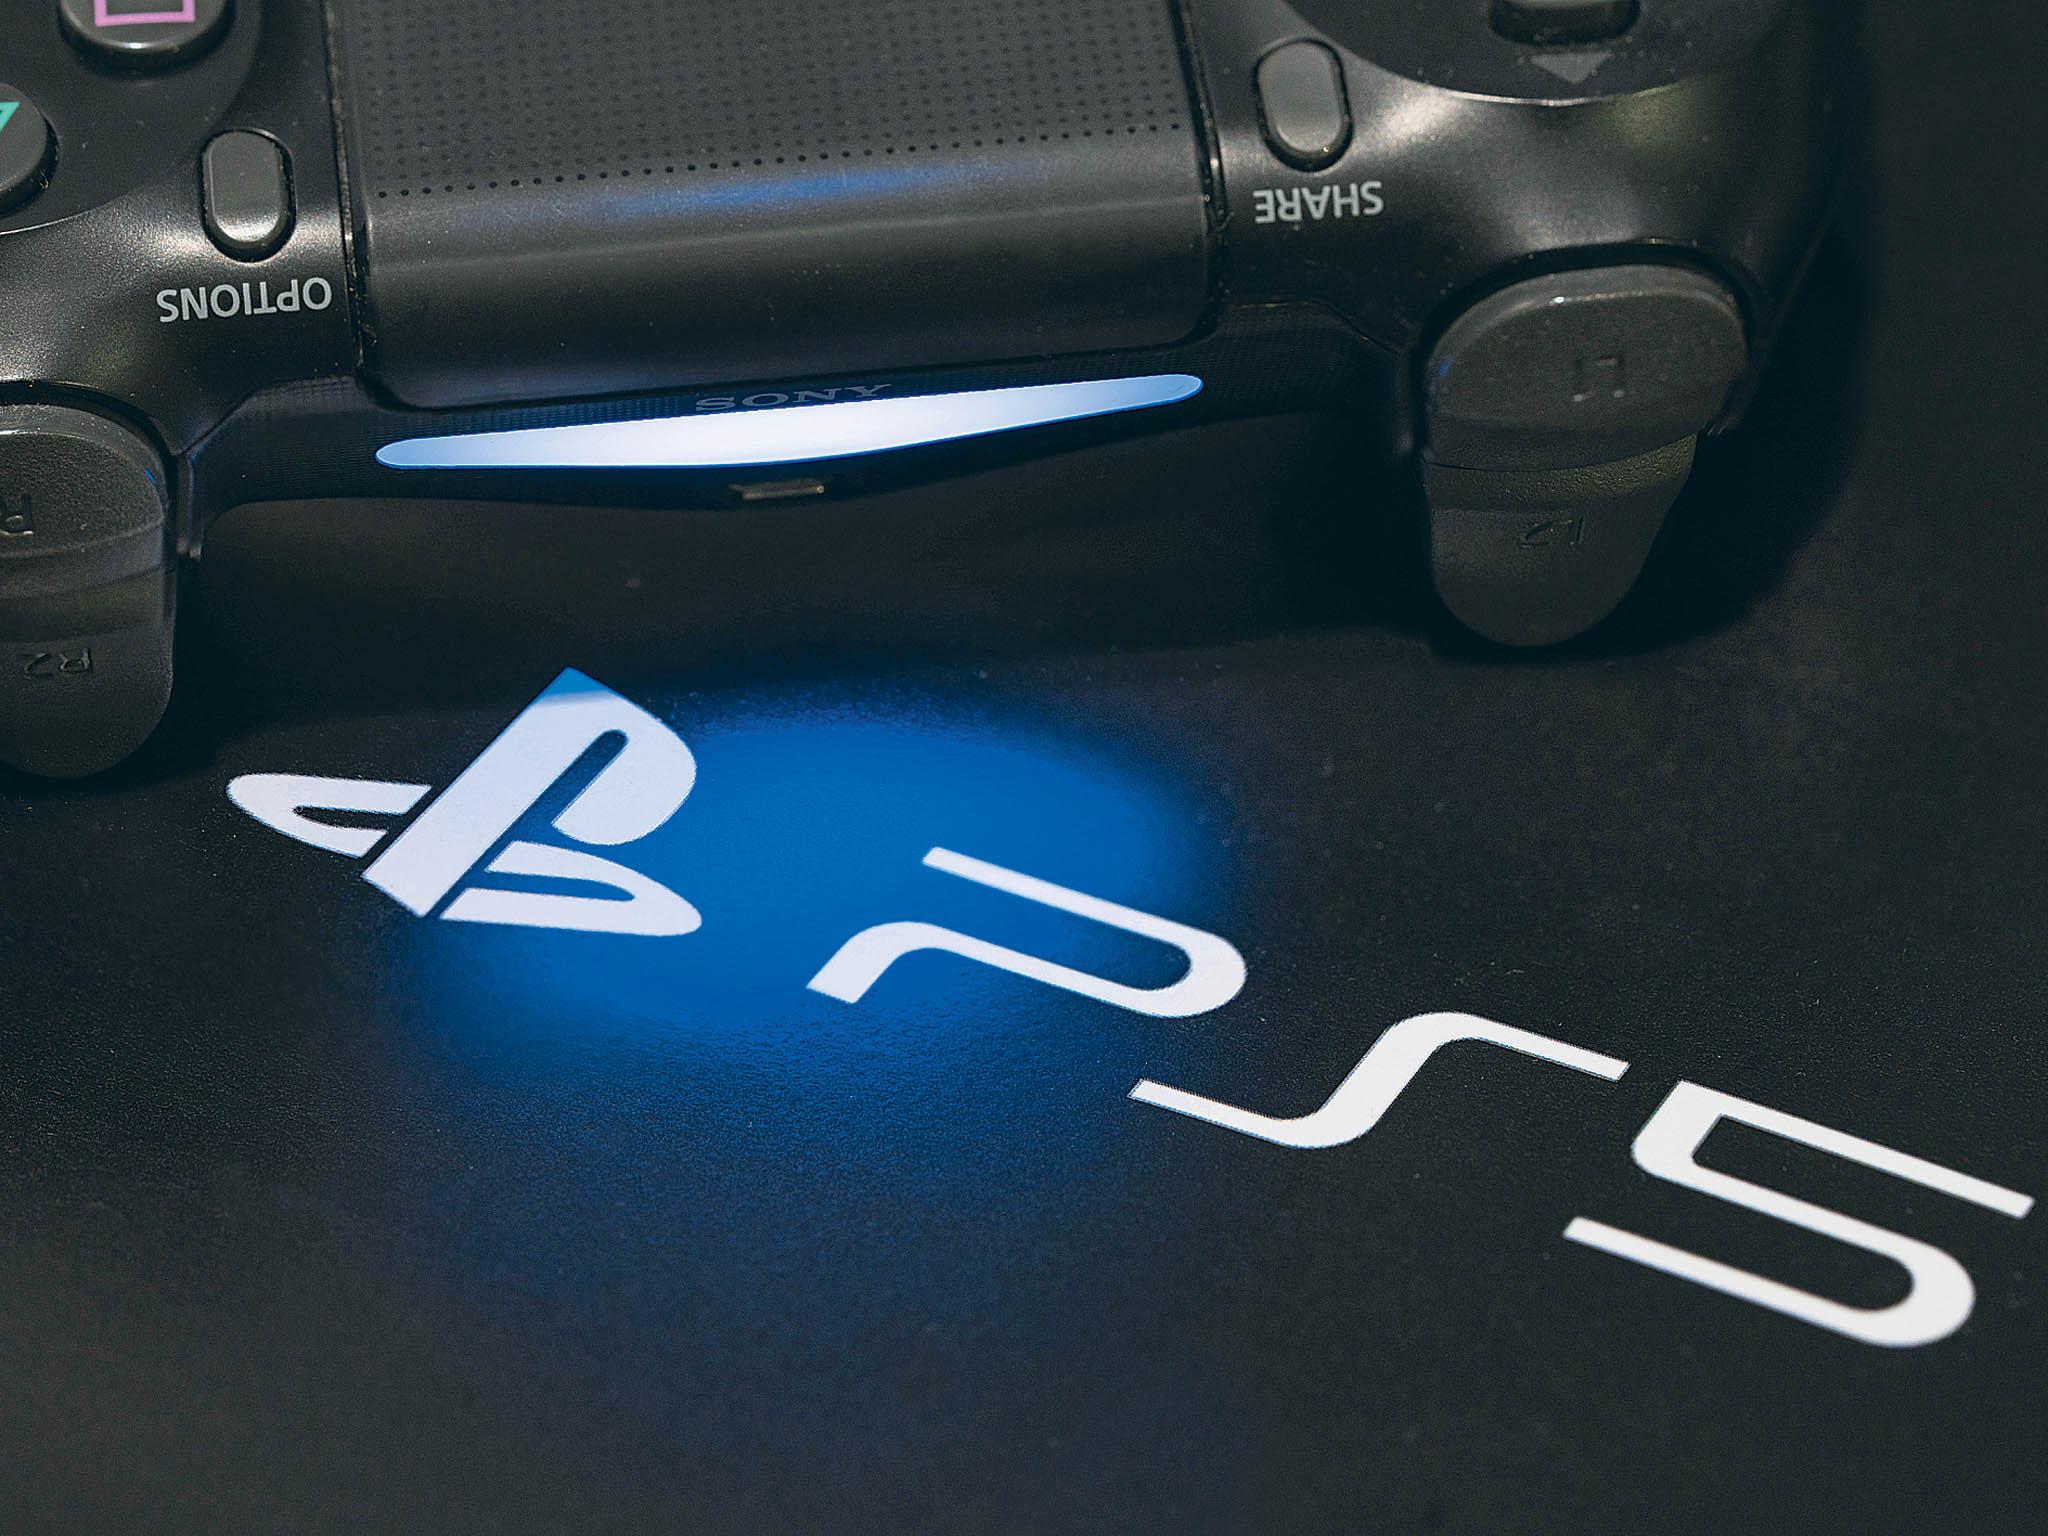 Úplně první herní konzole PlayStation sedostala natrh vprosinci roku 1994. Pošestadvaceti letech, večtvrtek 12. listopadu, uvede japonská firma Sony její novou generaci PlayStation 5.